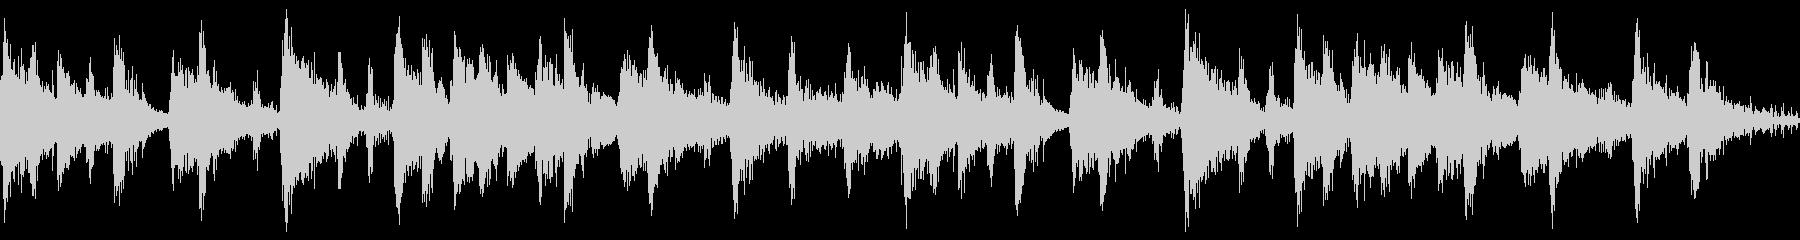 スクラッチ音とピアノのサウンドロゴの未再生の波形